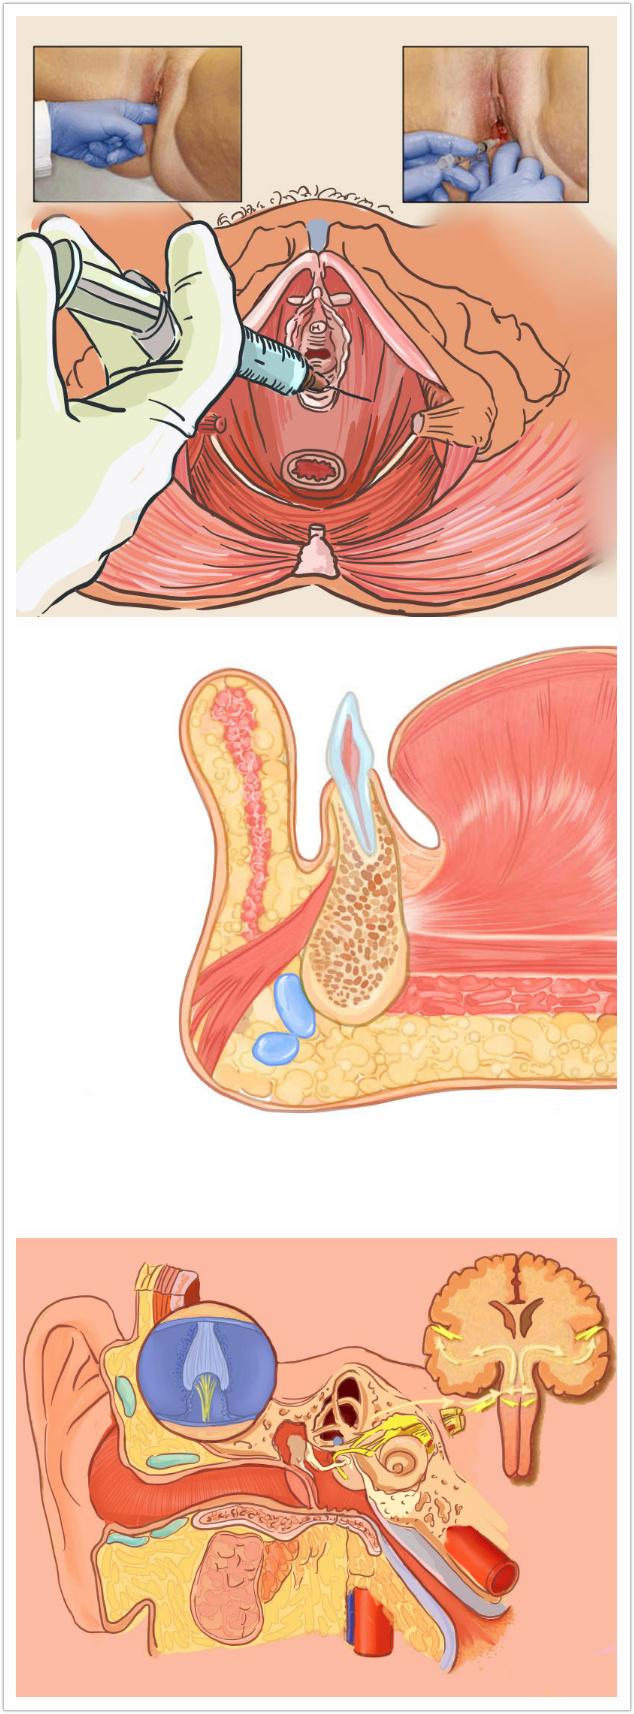 小清新的解剖医学插画